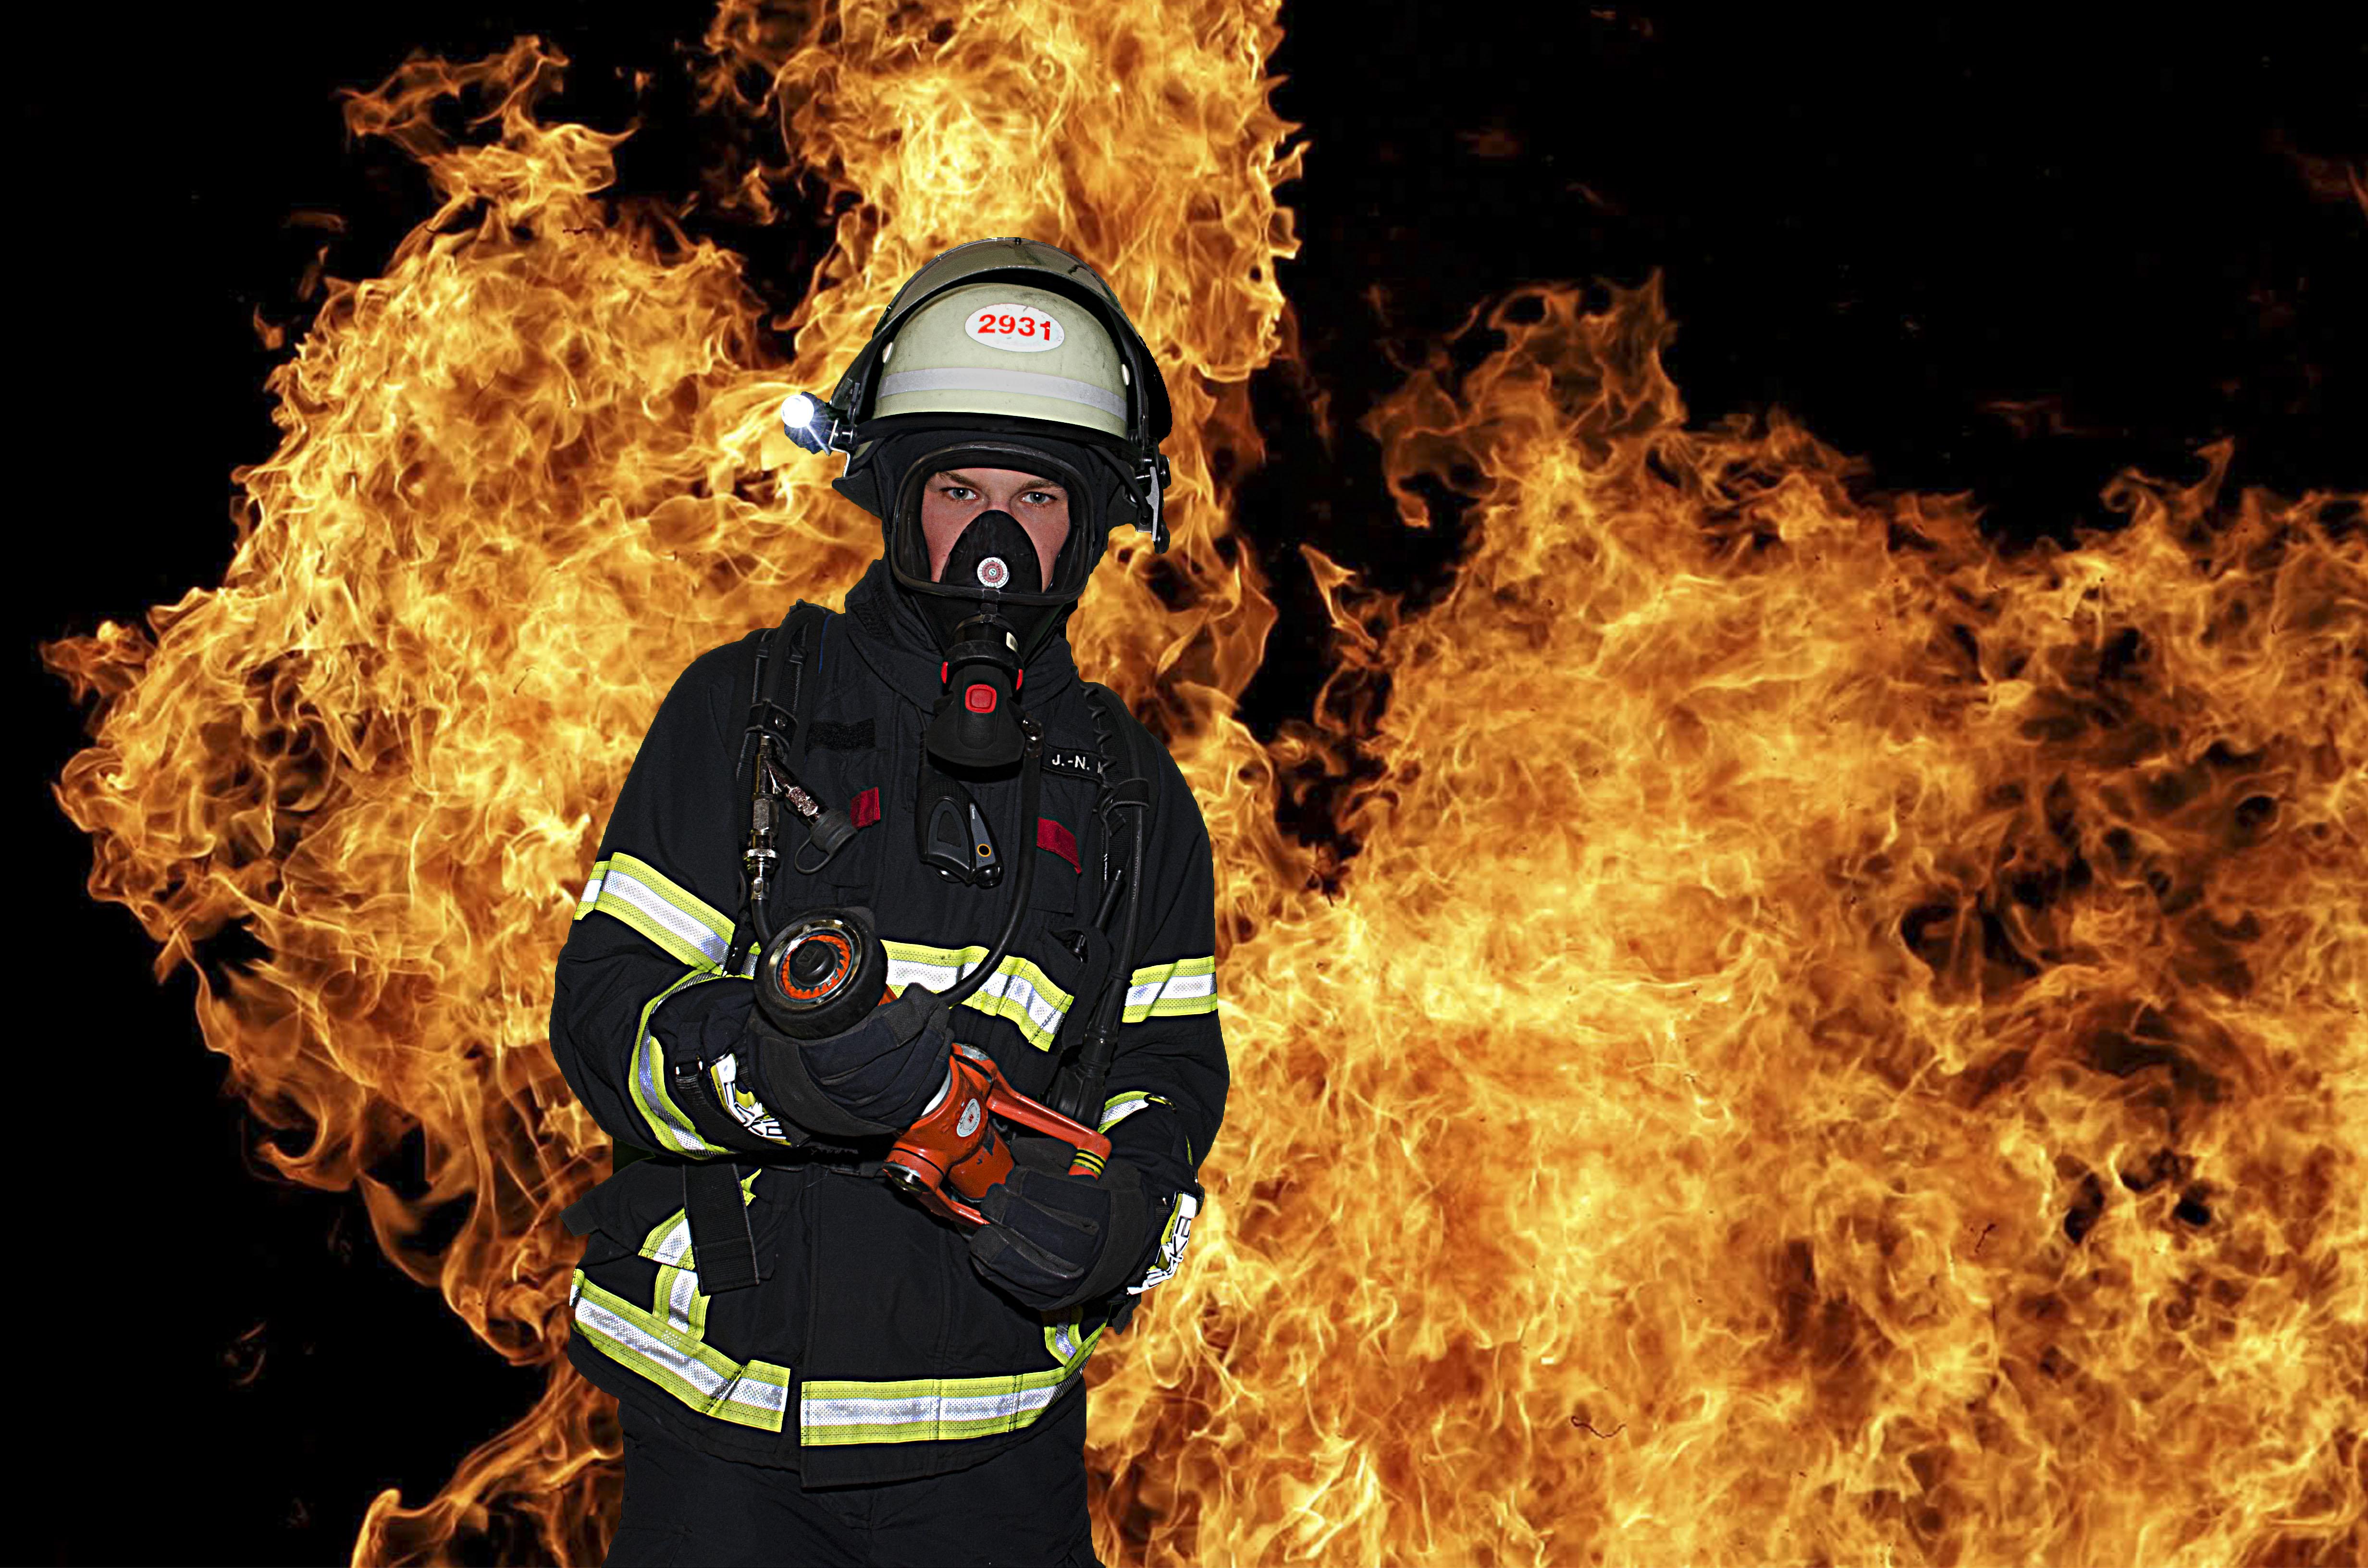 feuerwehrmann_vor_Flammen